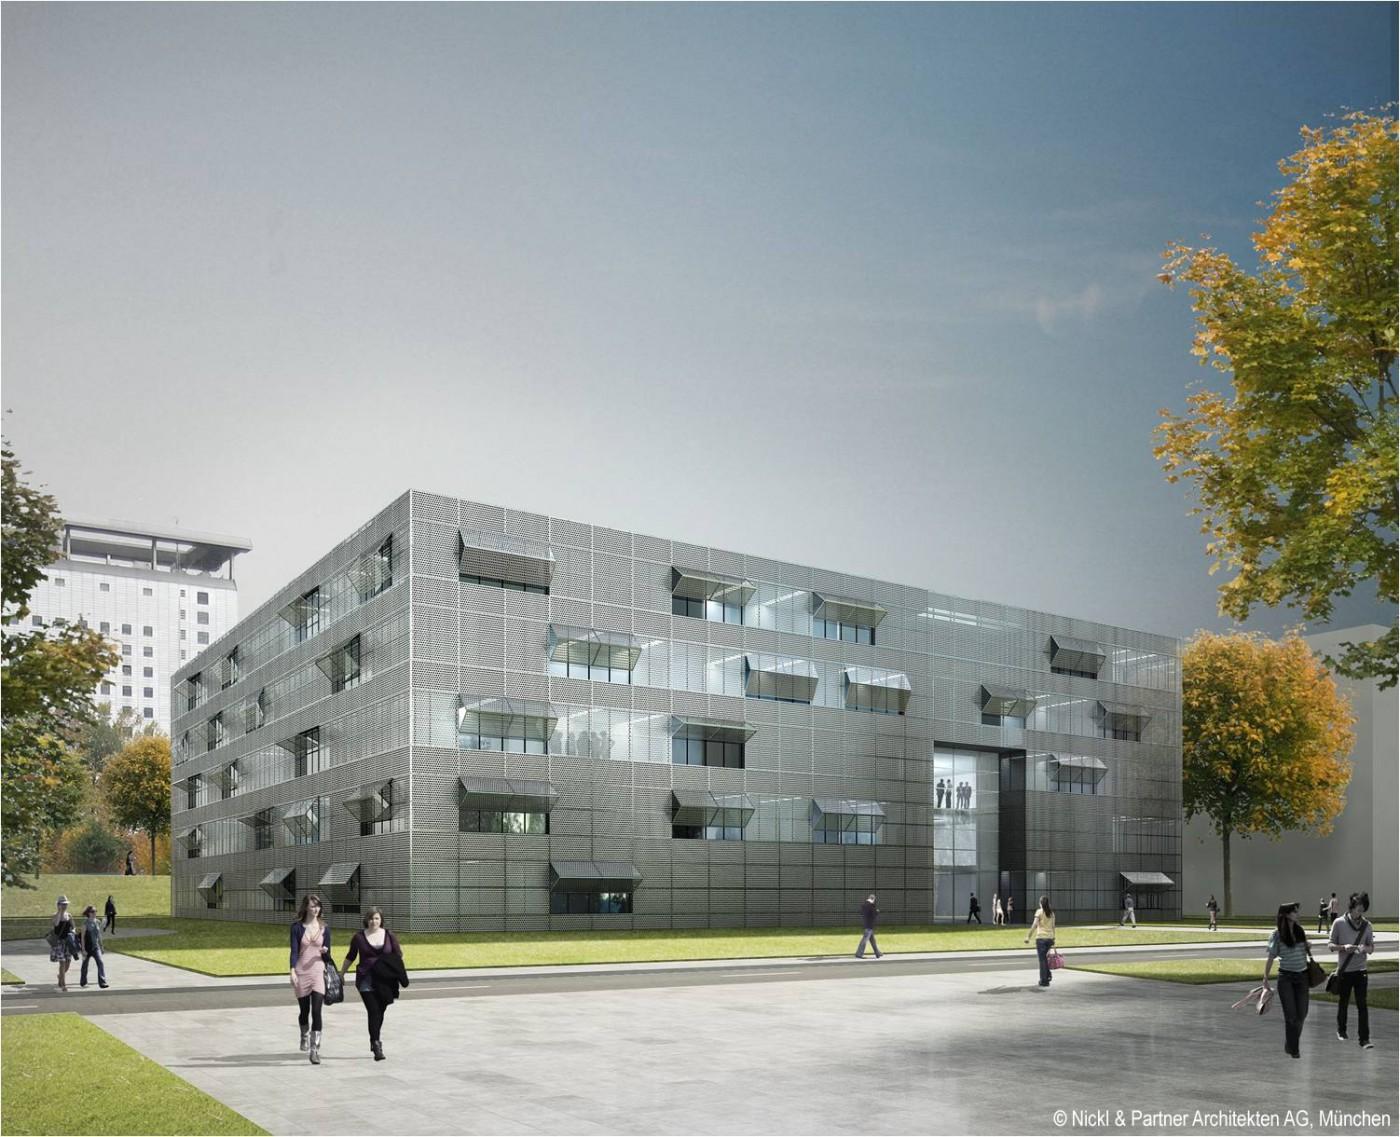 ww_Bildung_Zentrum fuer Schlaganfall_Copyright_Nickl Partner Architekten_Muenchen